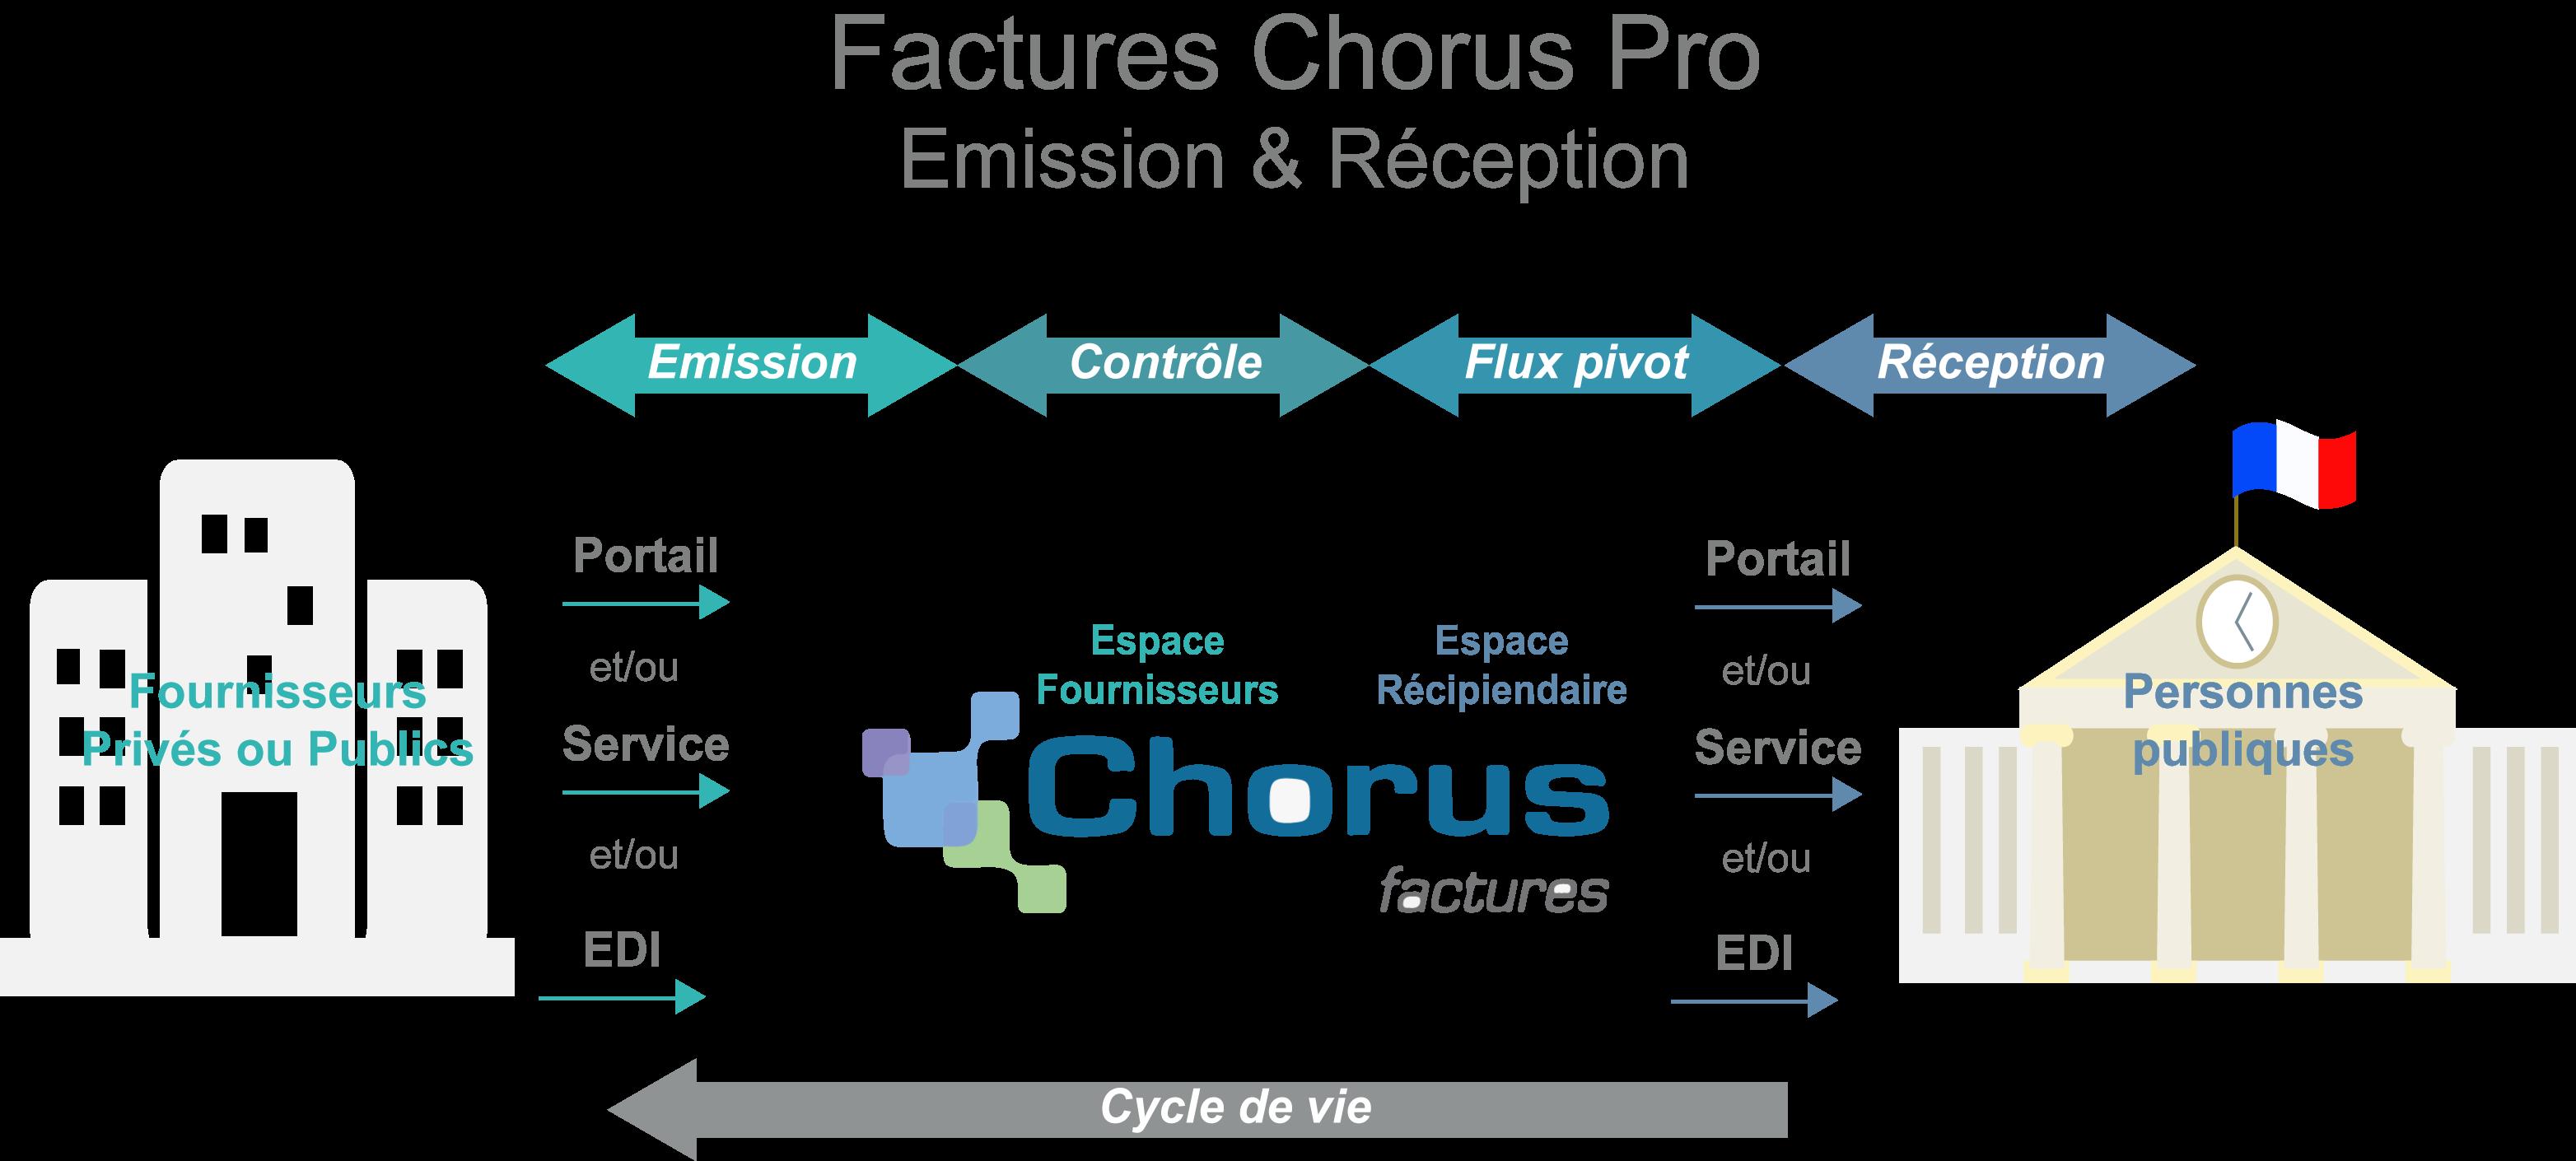 Use it Chorus pour les factures portail Chorus Pro